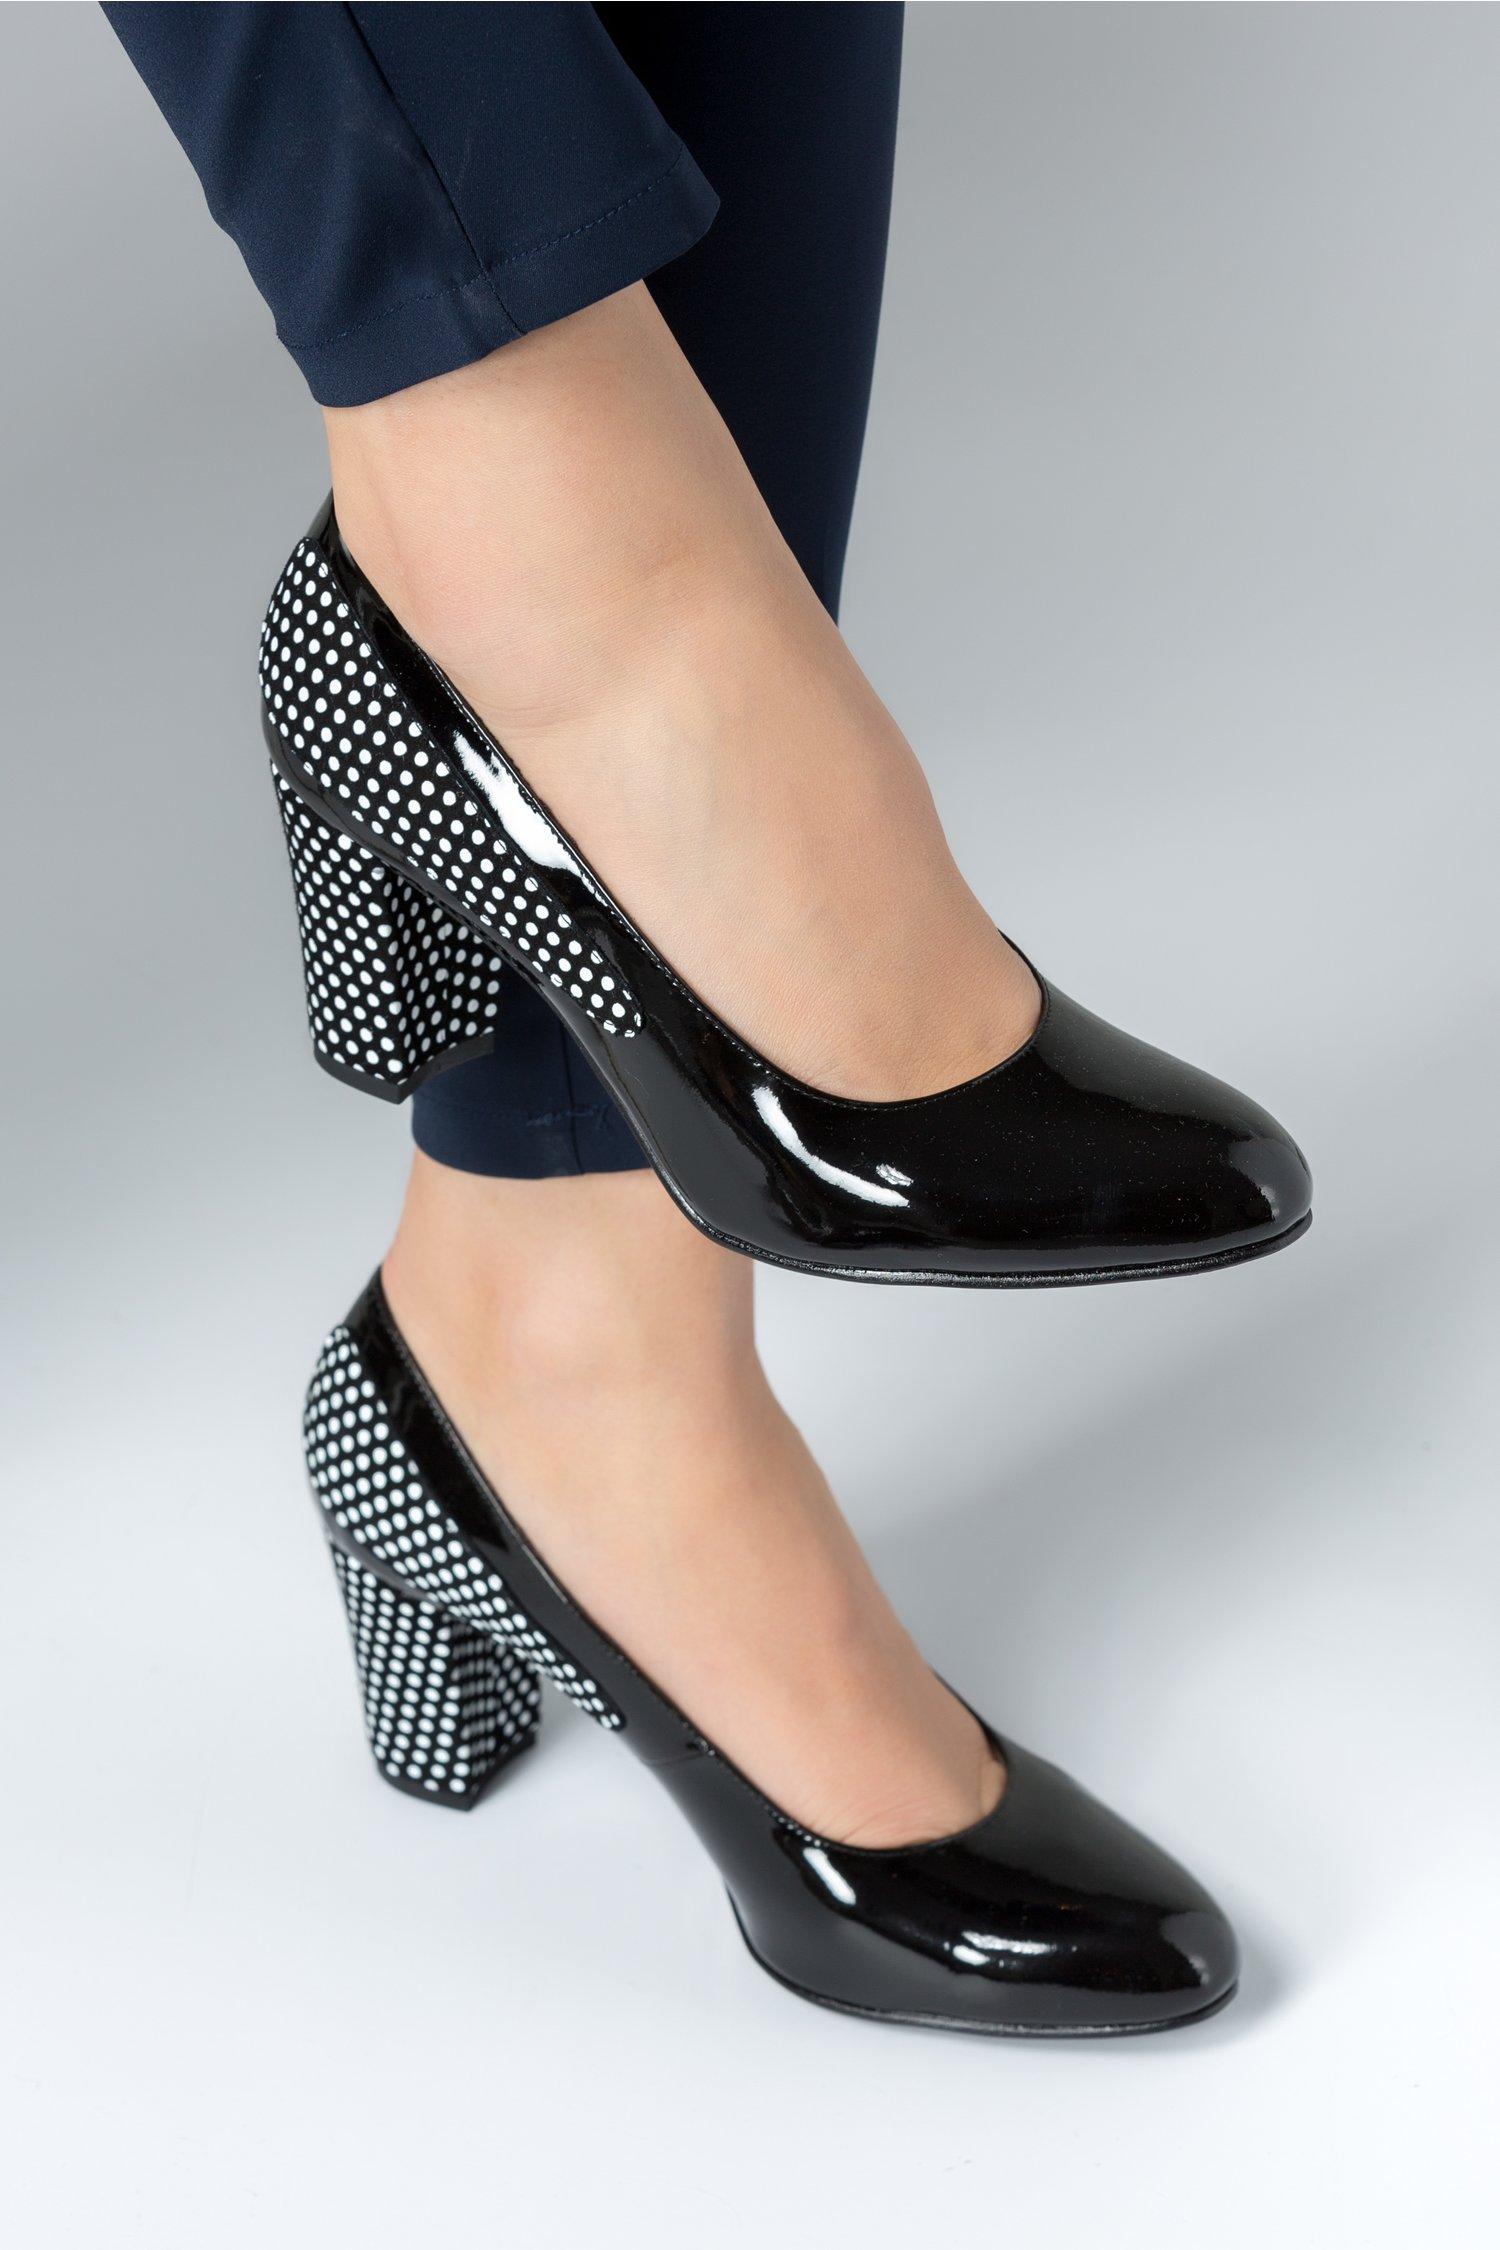 Pantofi dama negri cu buline albe si toc mediu